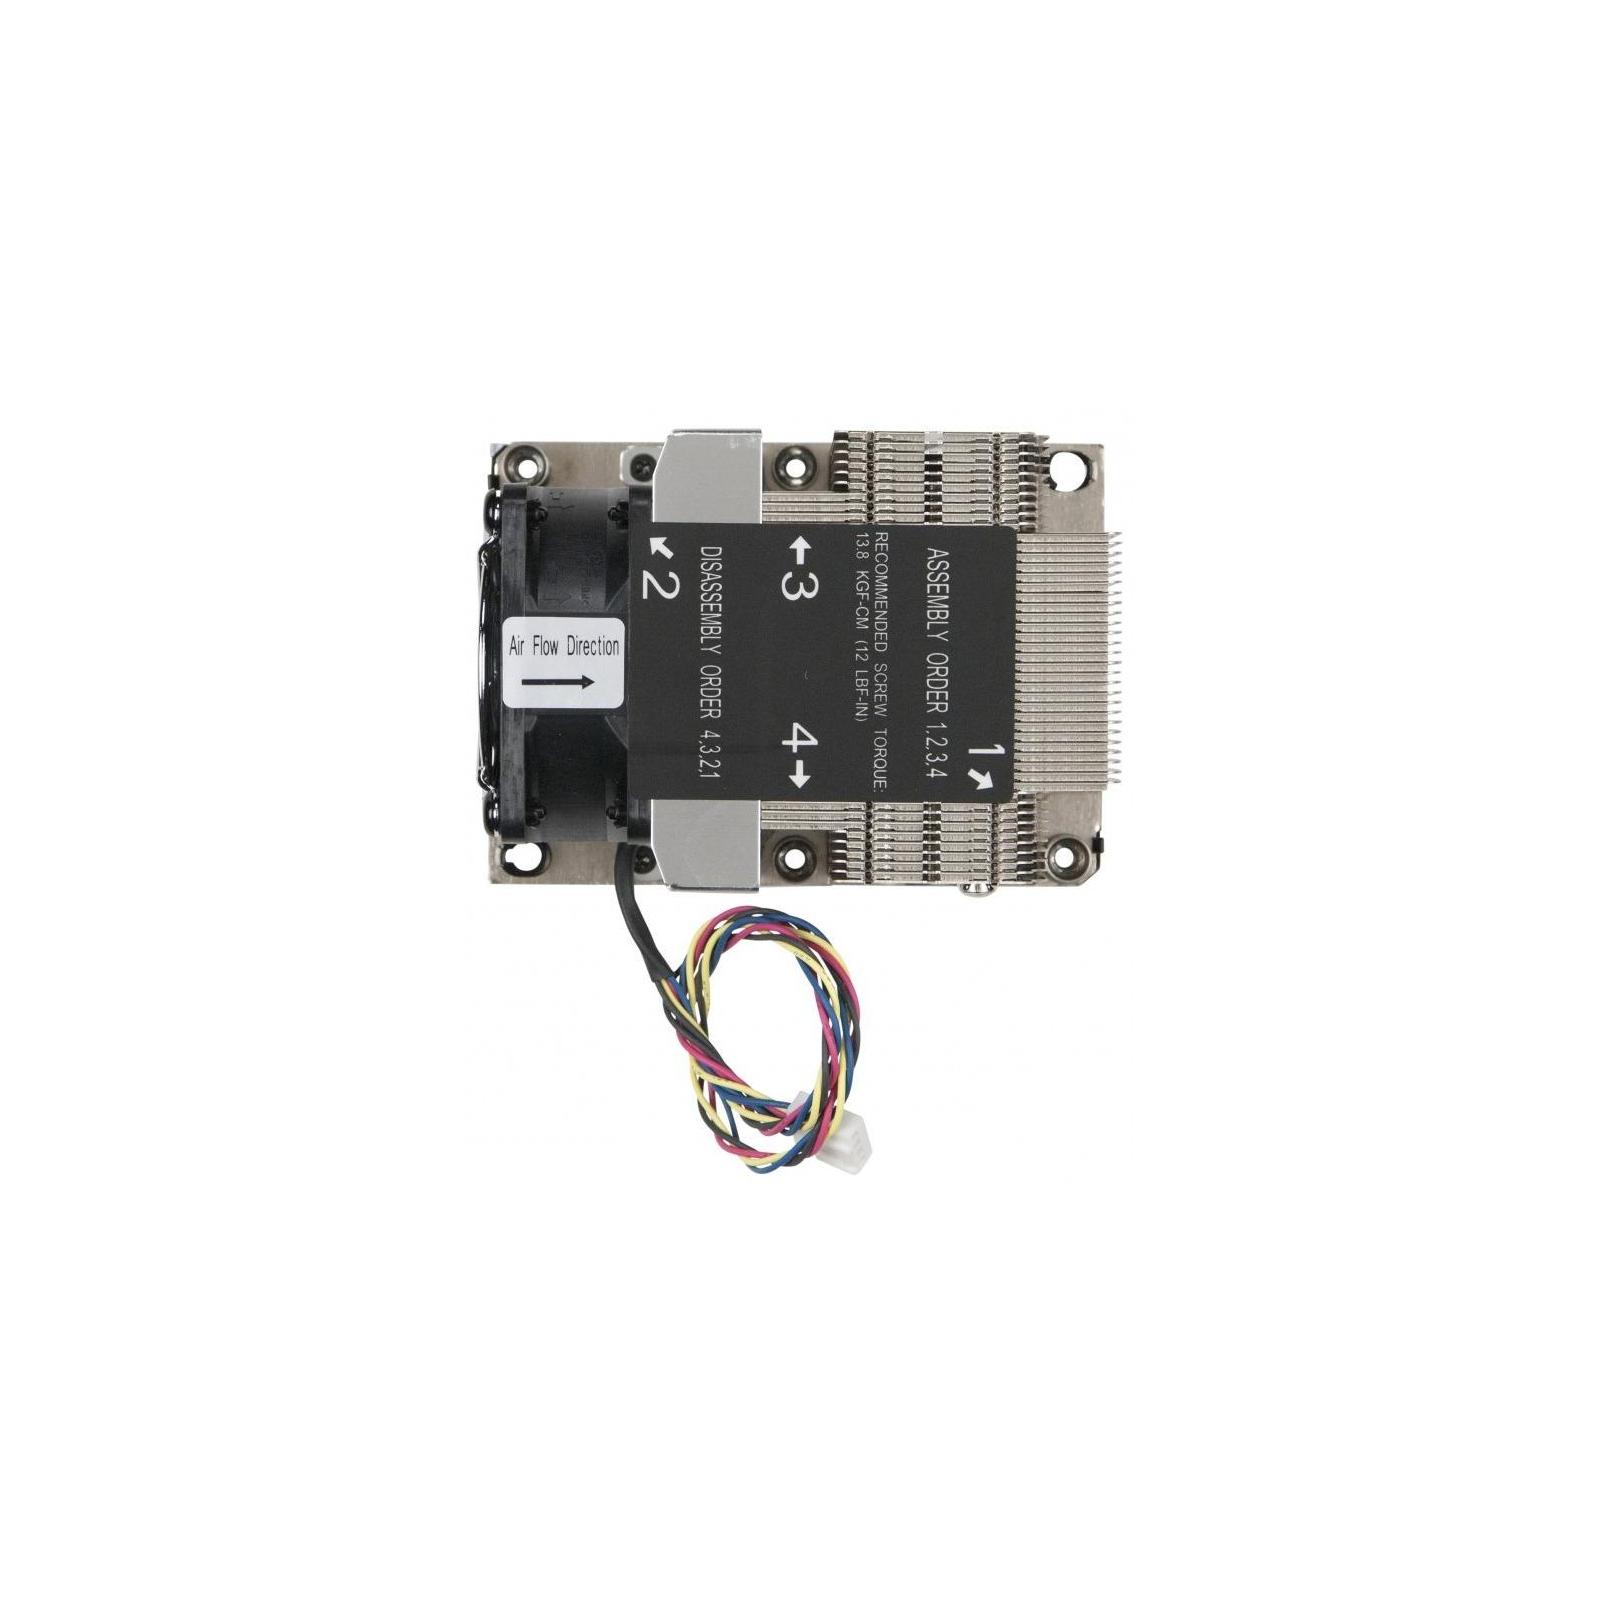 Кулер для процессора Supermicro SNK-P0068APS4 изображение 3